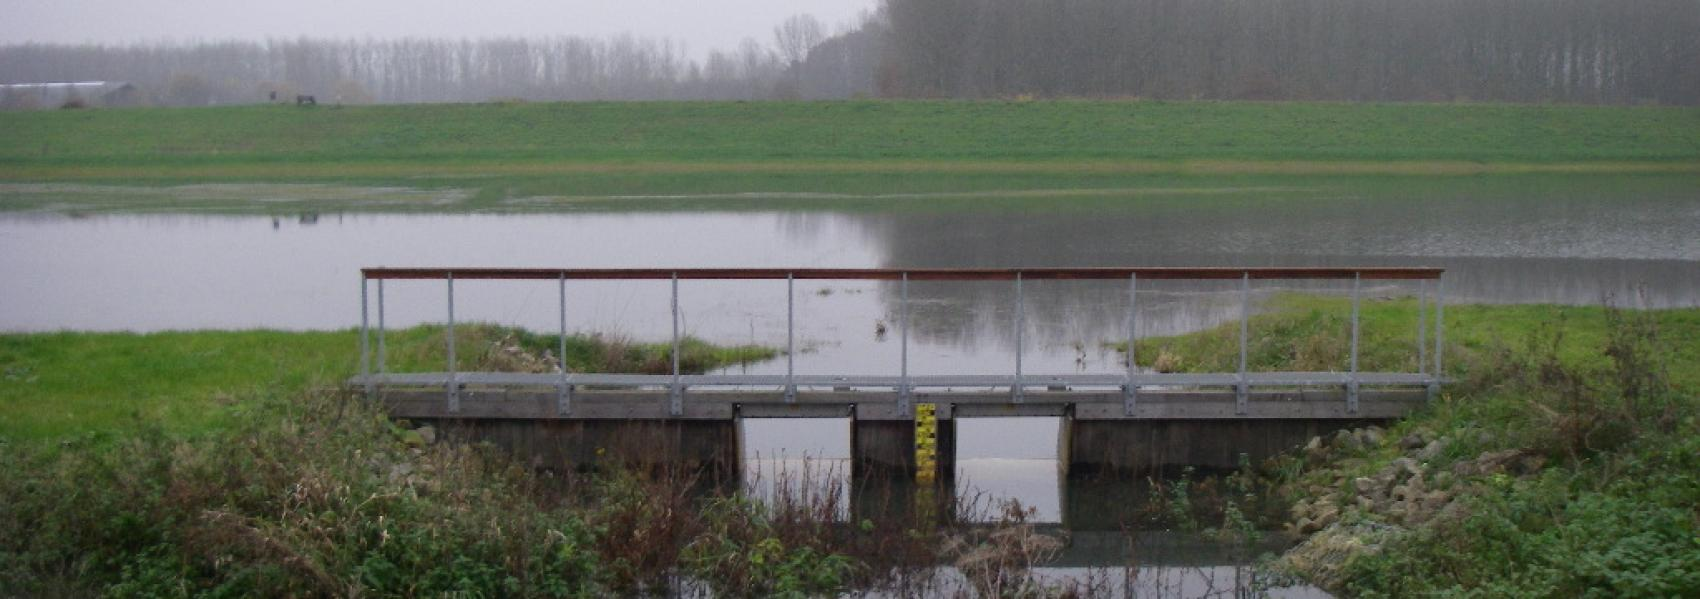 voetgangersbrug over het water in Bleukensweide